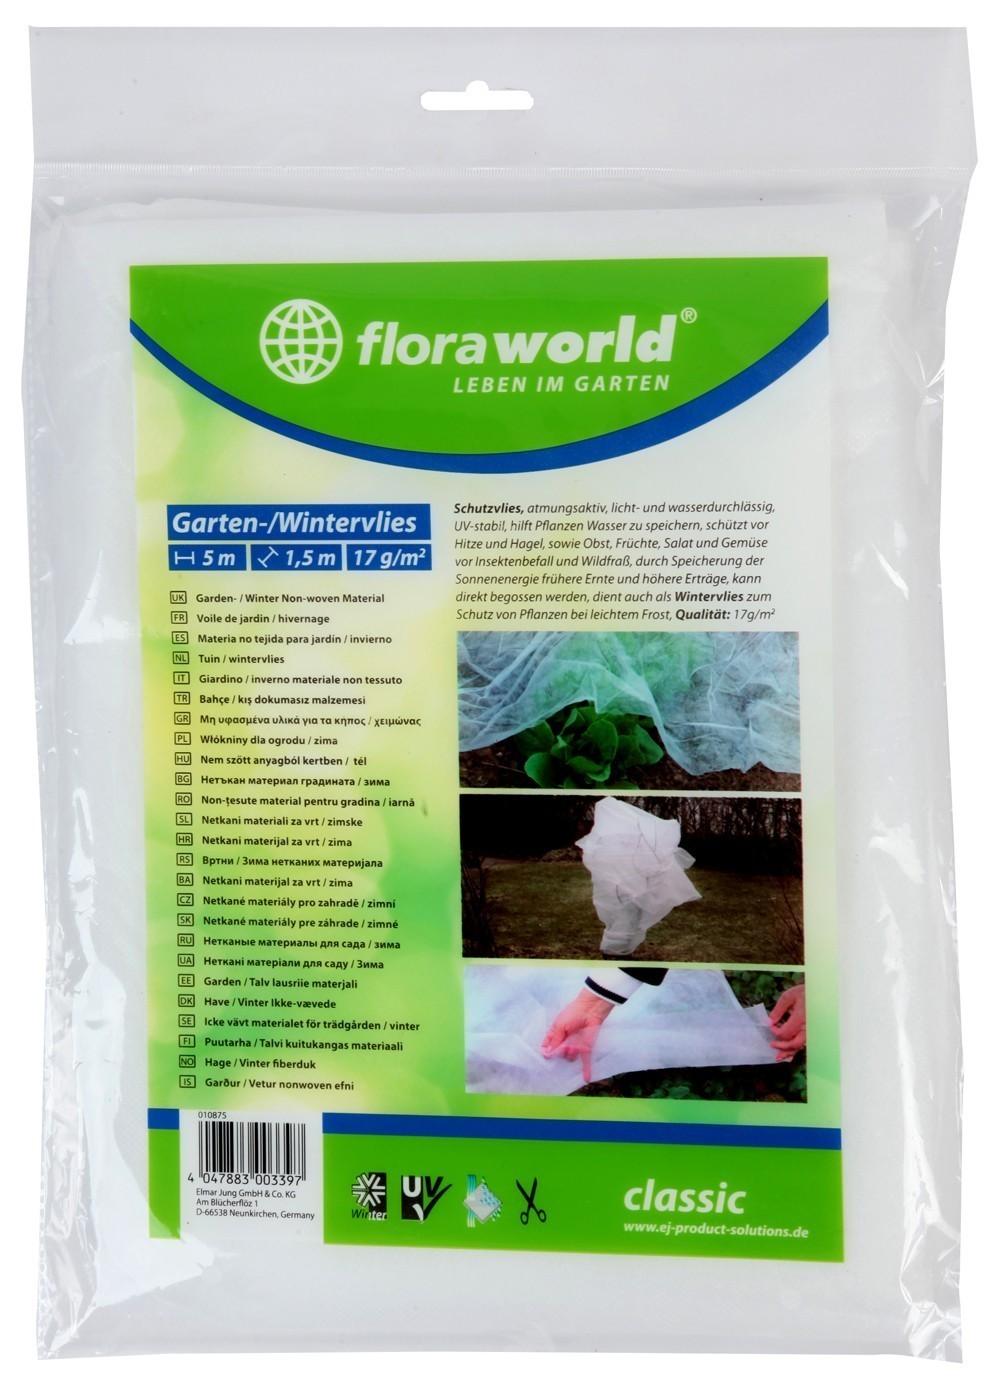 Gartenvlies / Schutzvlies classic floraworld 5x1,5m weiß Bild 1